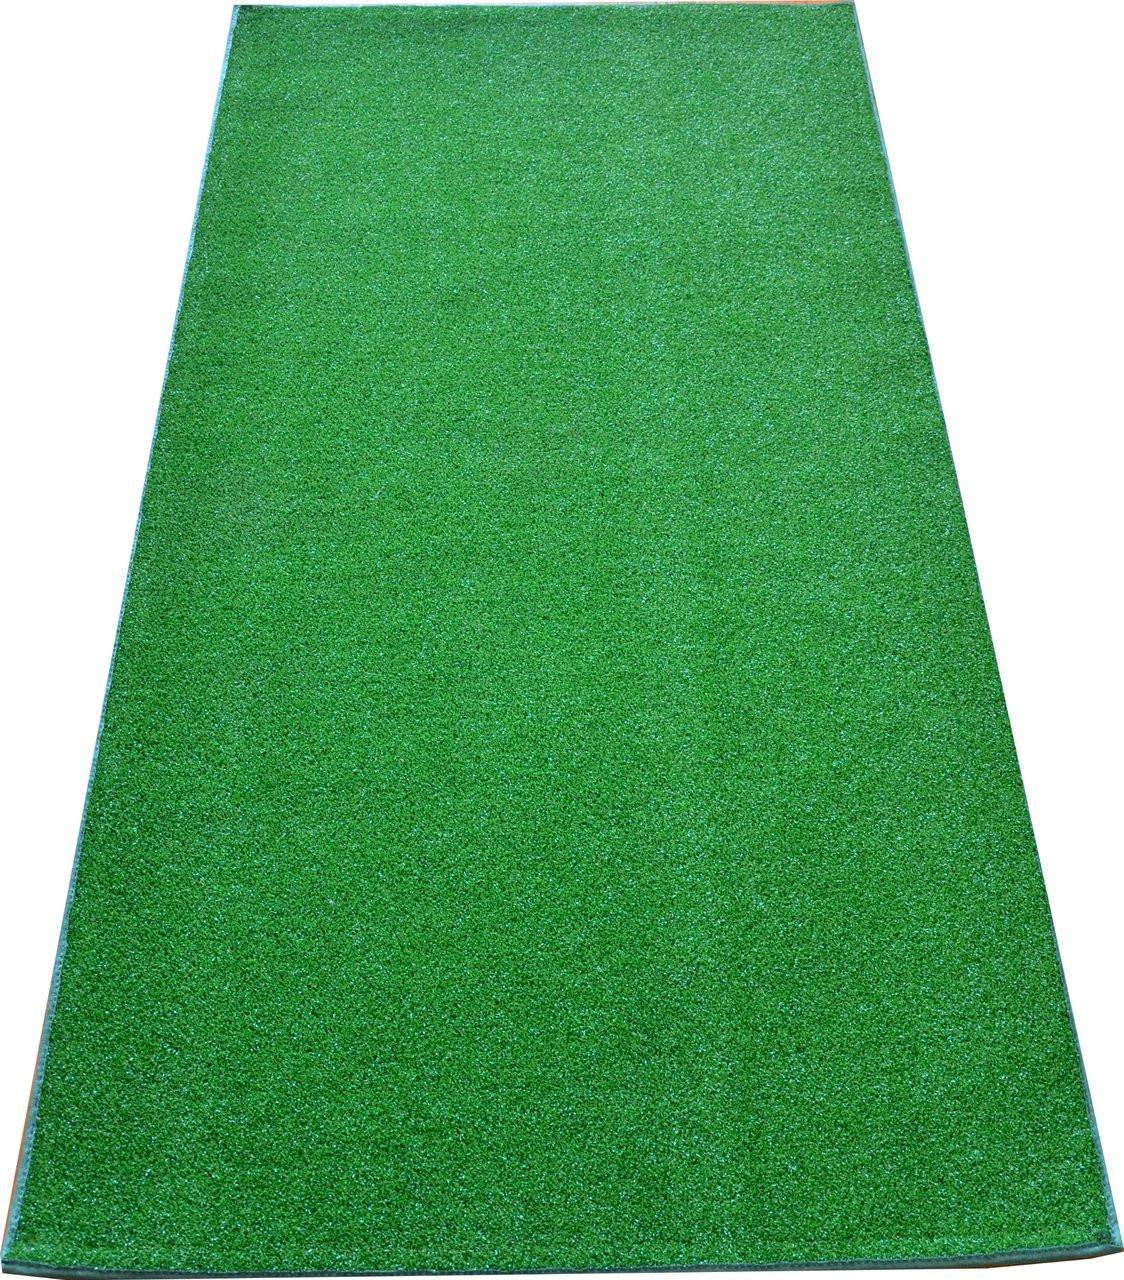 Dean Premium Heavy Duty Indoor Outdoor Green Artificial Grass Turf